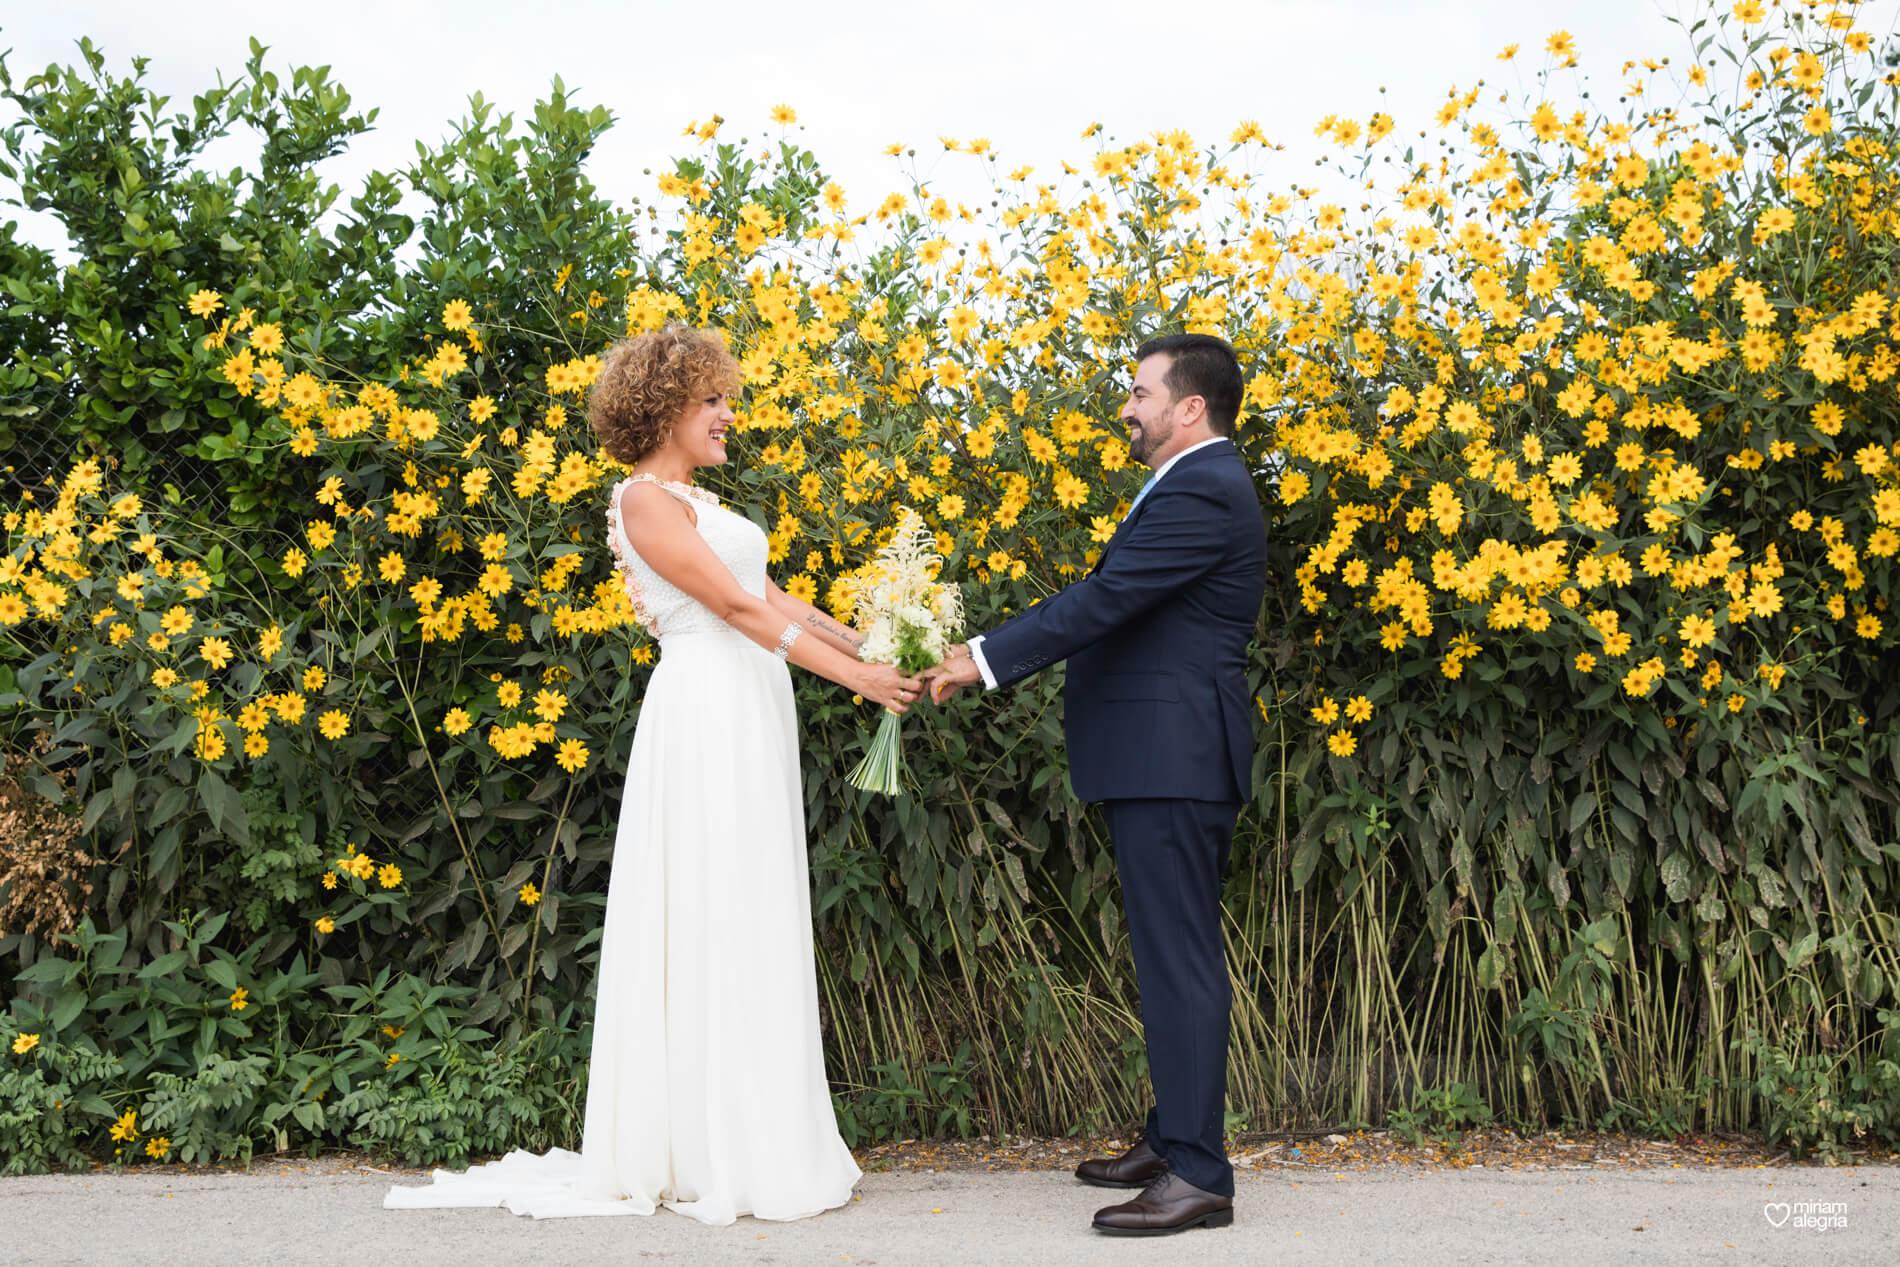 boda-en-finca-la-carrasca-miriam-alegria-93